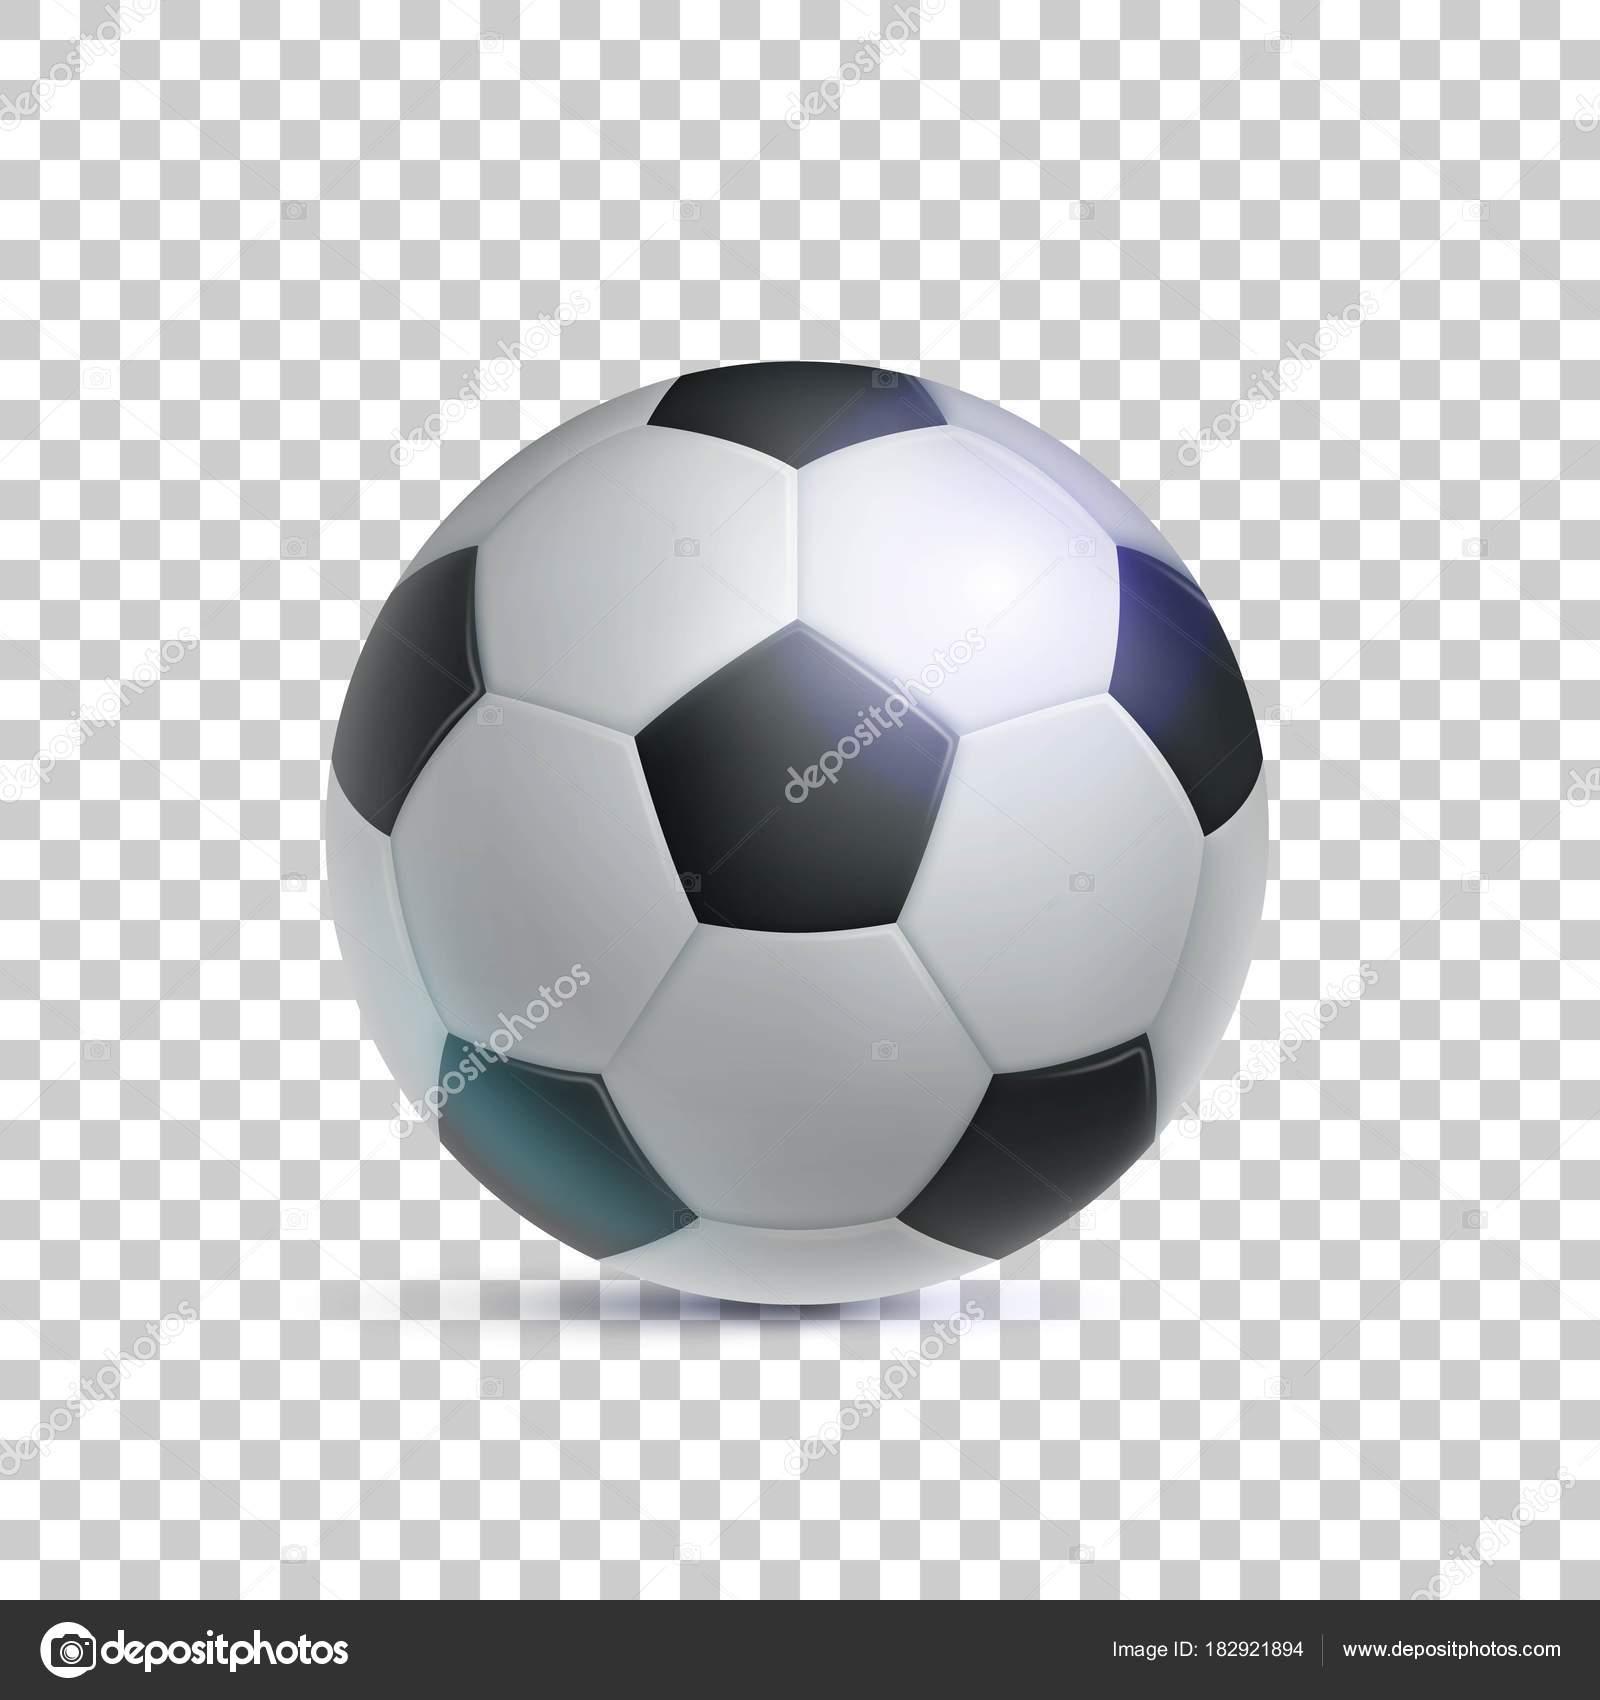 Vectores sin royalties similares  Balón Fútbol Pelota Fútbol Realista Con  Sombras Sobre Fondo Transparente c5de56ee5f50c